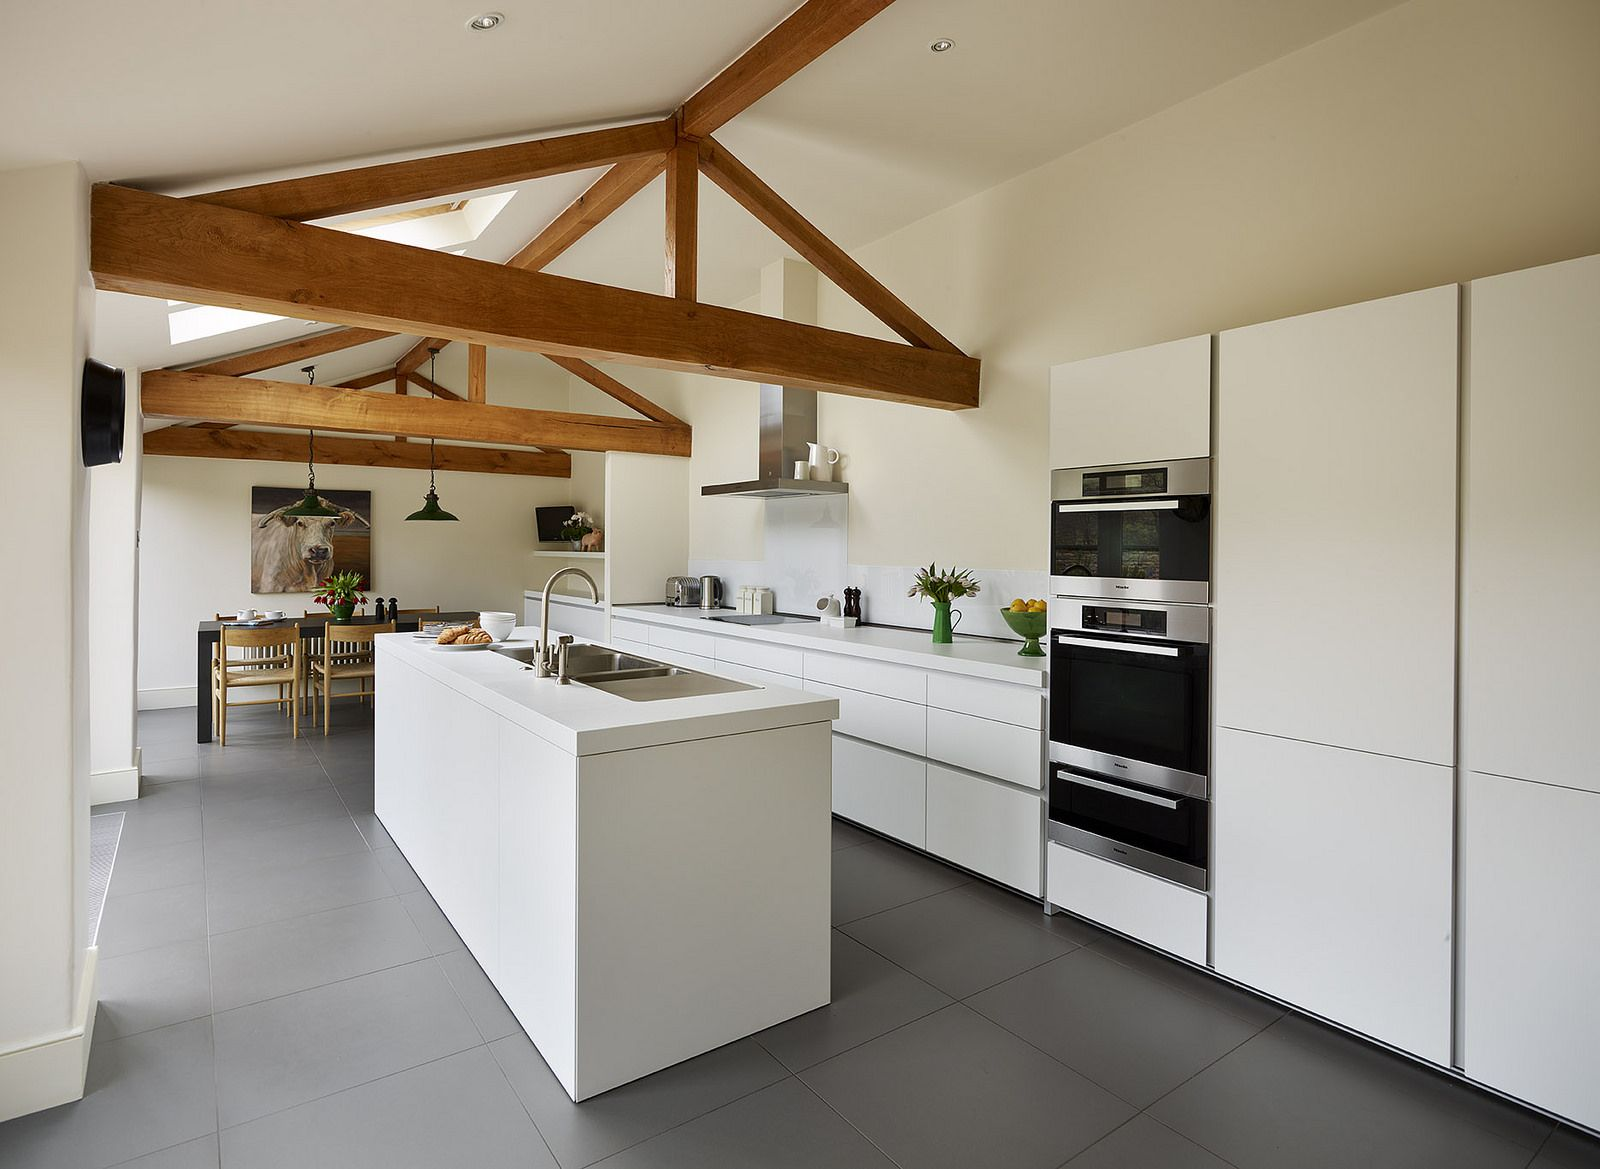 House Design Keuken : Prachtige design keuken met miele inbouwapparaten stoom oven